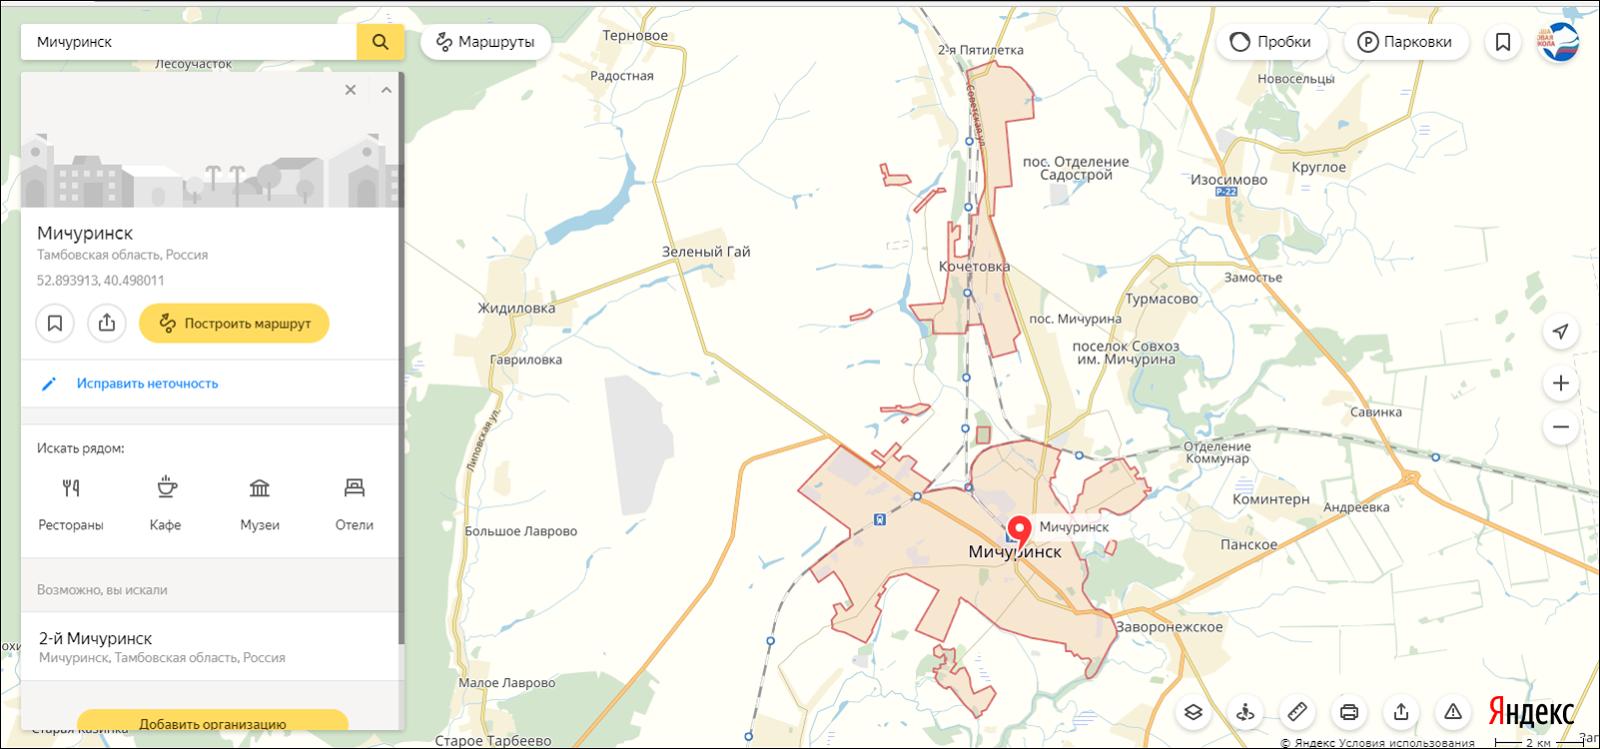 Мичуринск на карте генеральной